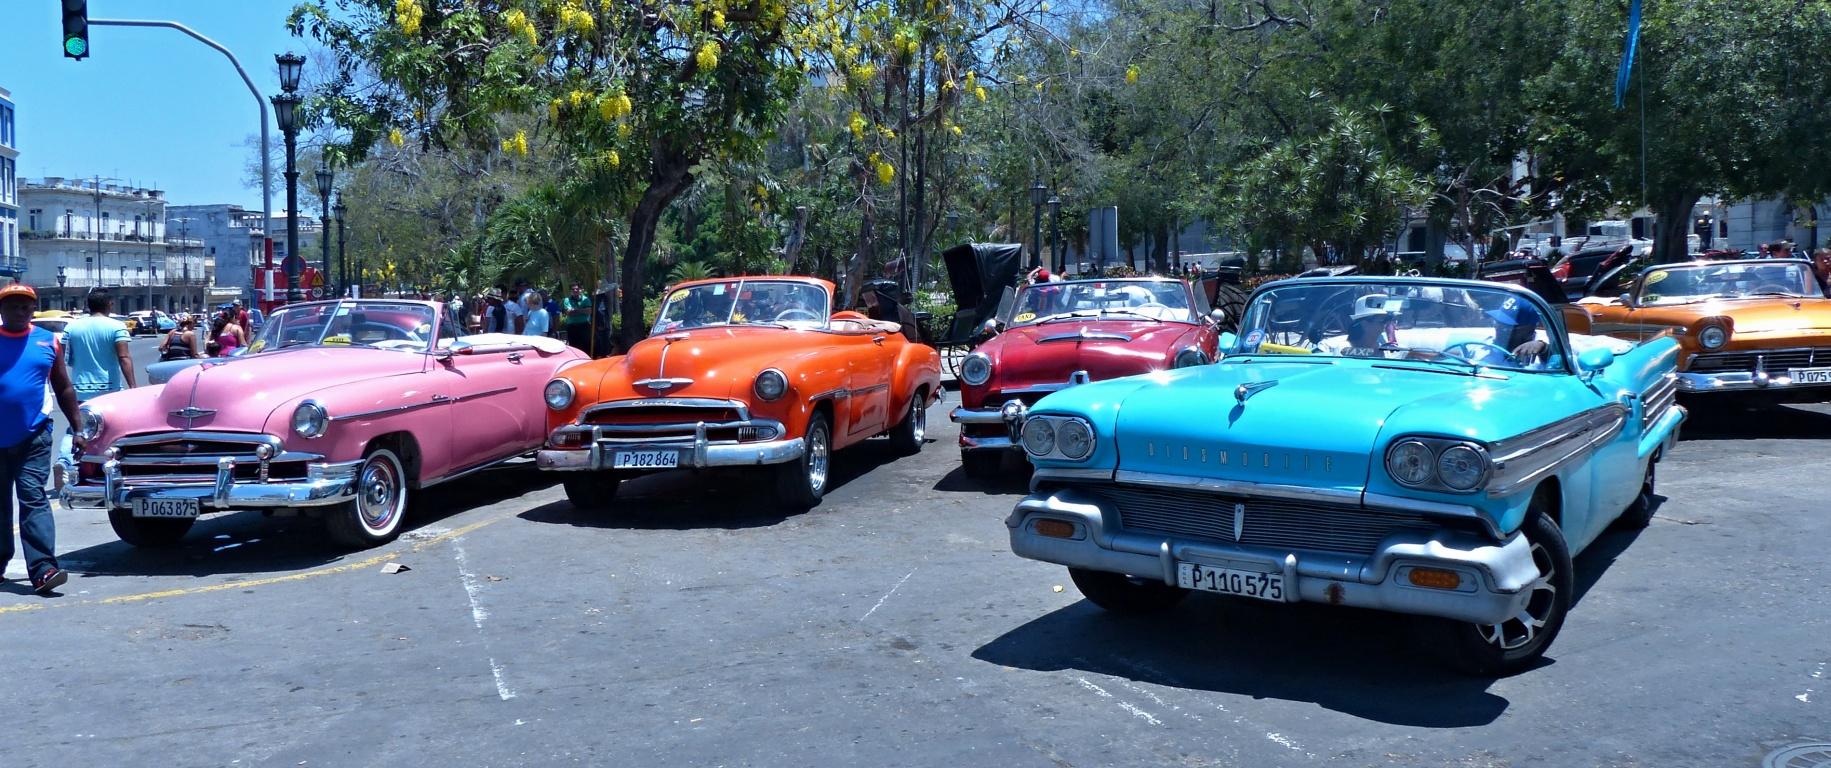 Kuba 2016 (1).jpg